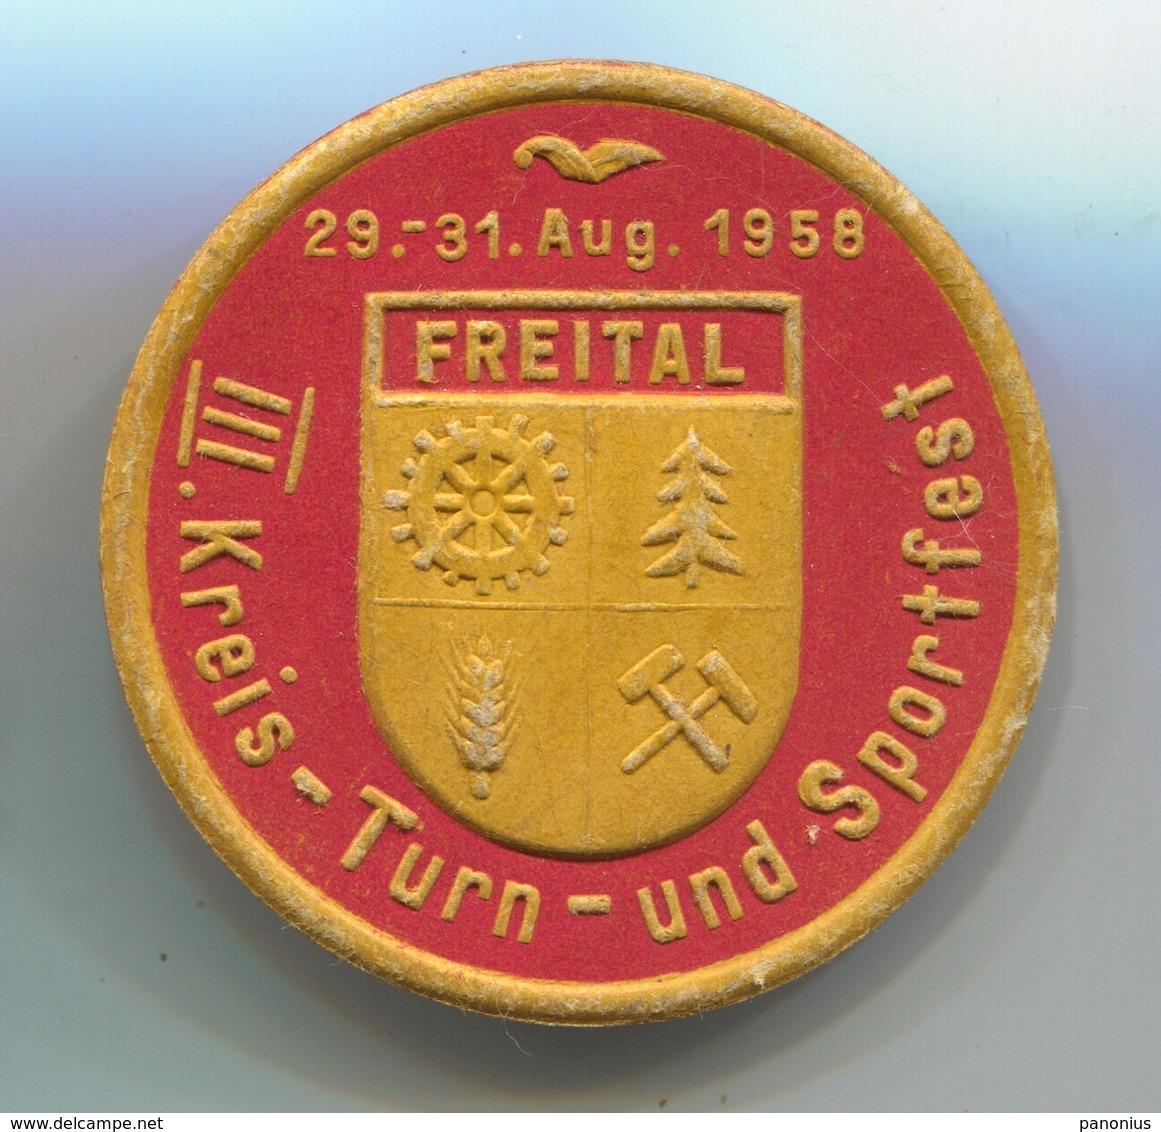 III. Kreis Turn - Sportfest, Freital / Dresden DDR East Germany 1958. Vintage Pin, Badge, Abzeichen, D 45 Mm - Pin